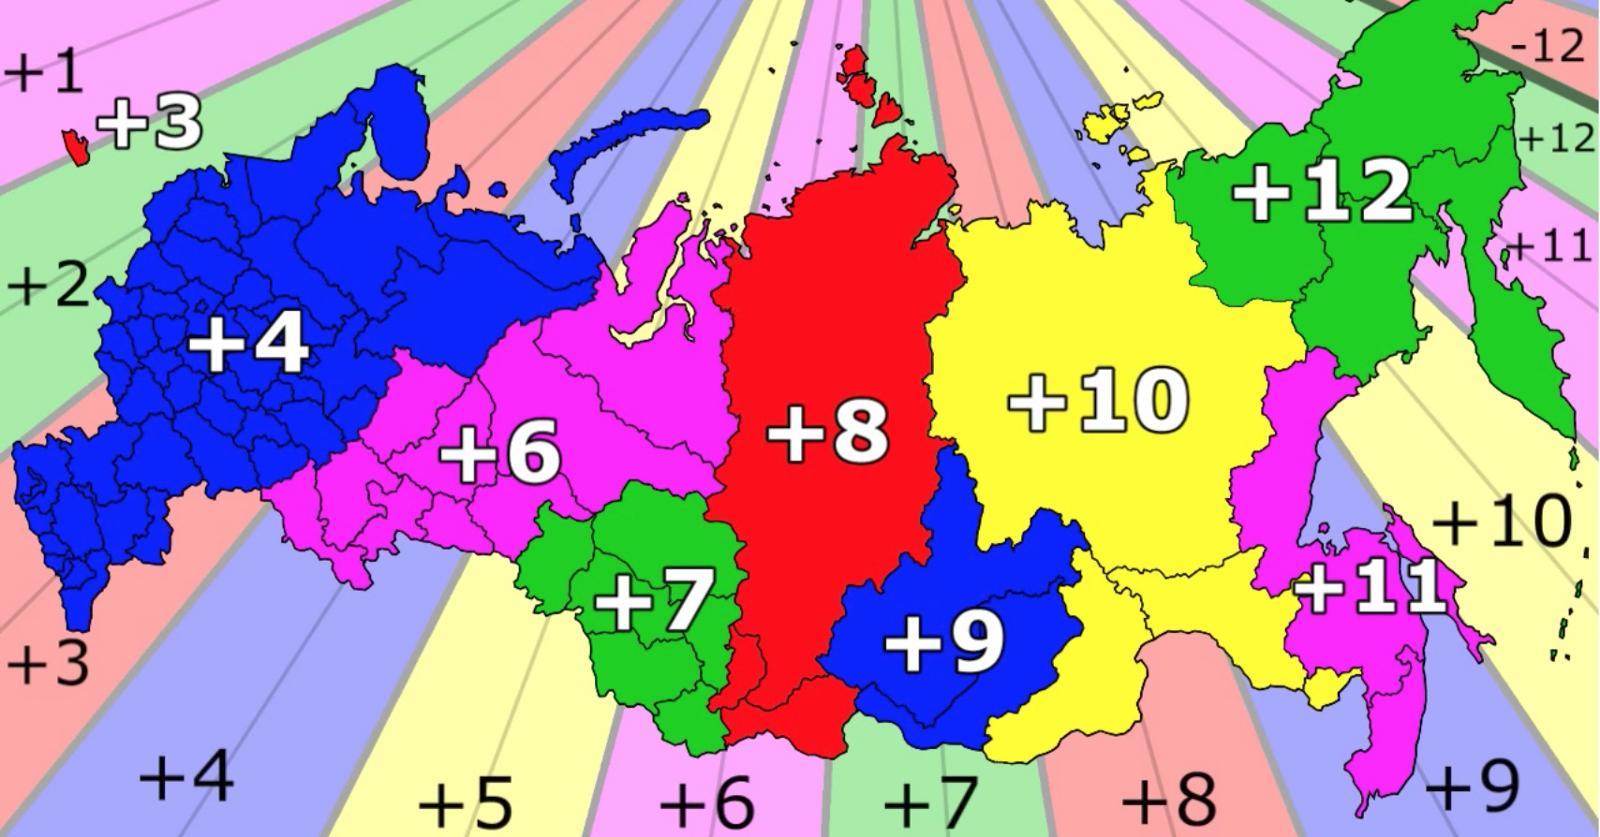 kart tidssoner Russland tidssone kart   tidssoner i Russland kart (Øst Europa  kart tidssoner